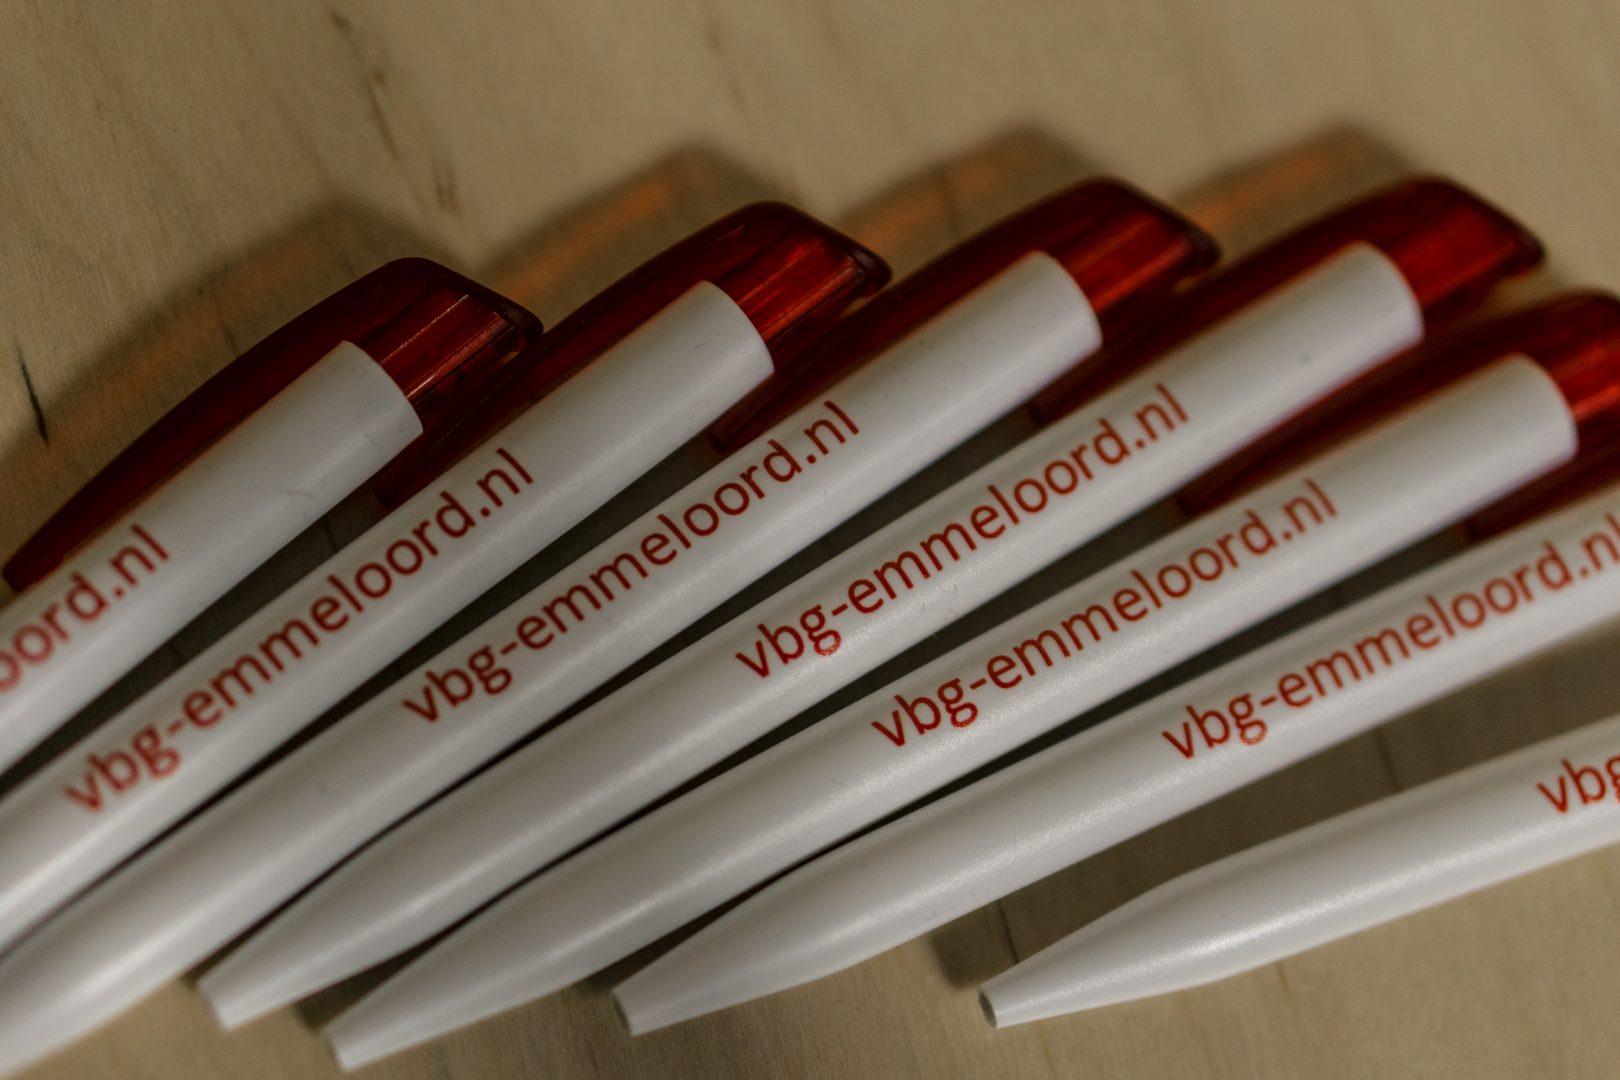 pennen vgb emmeloord